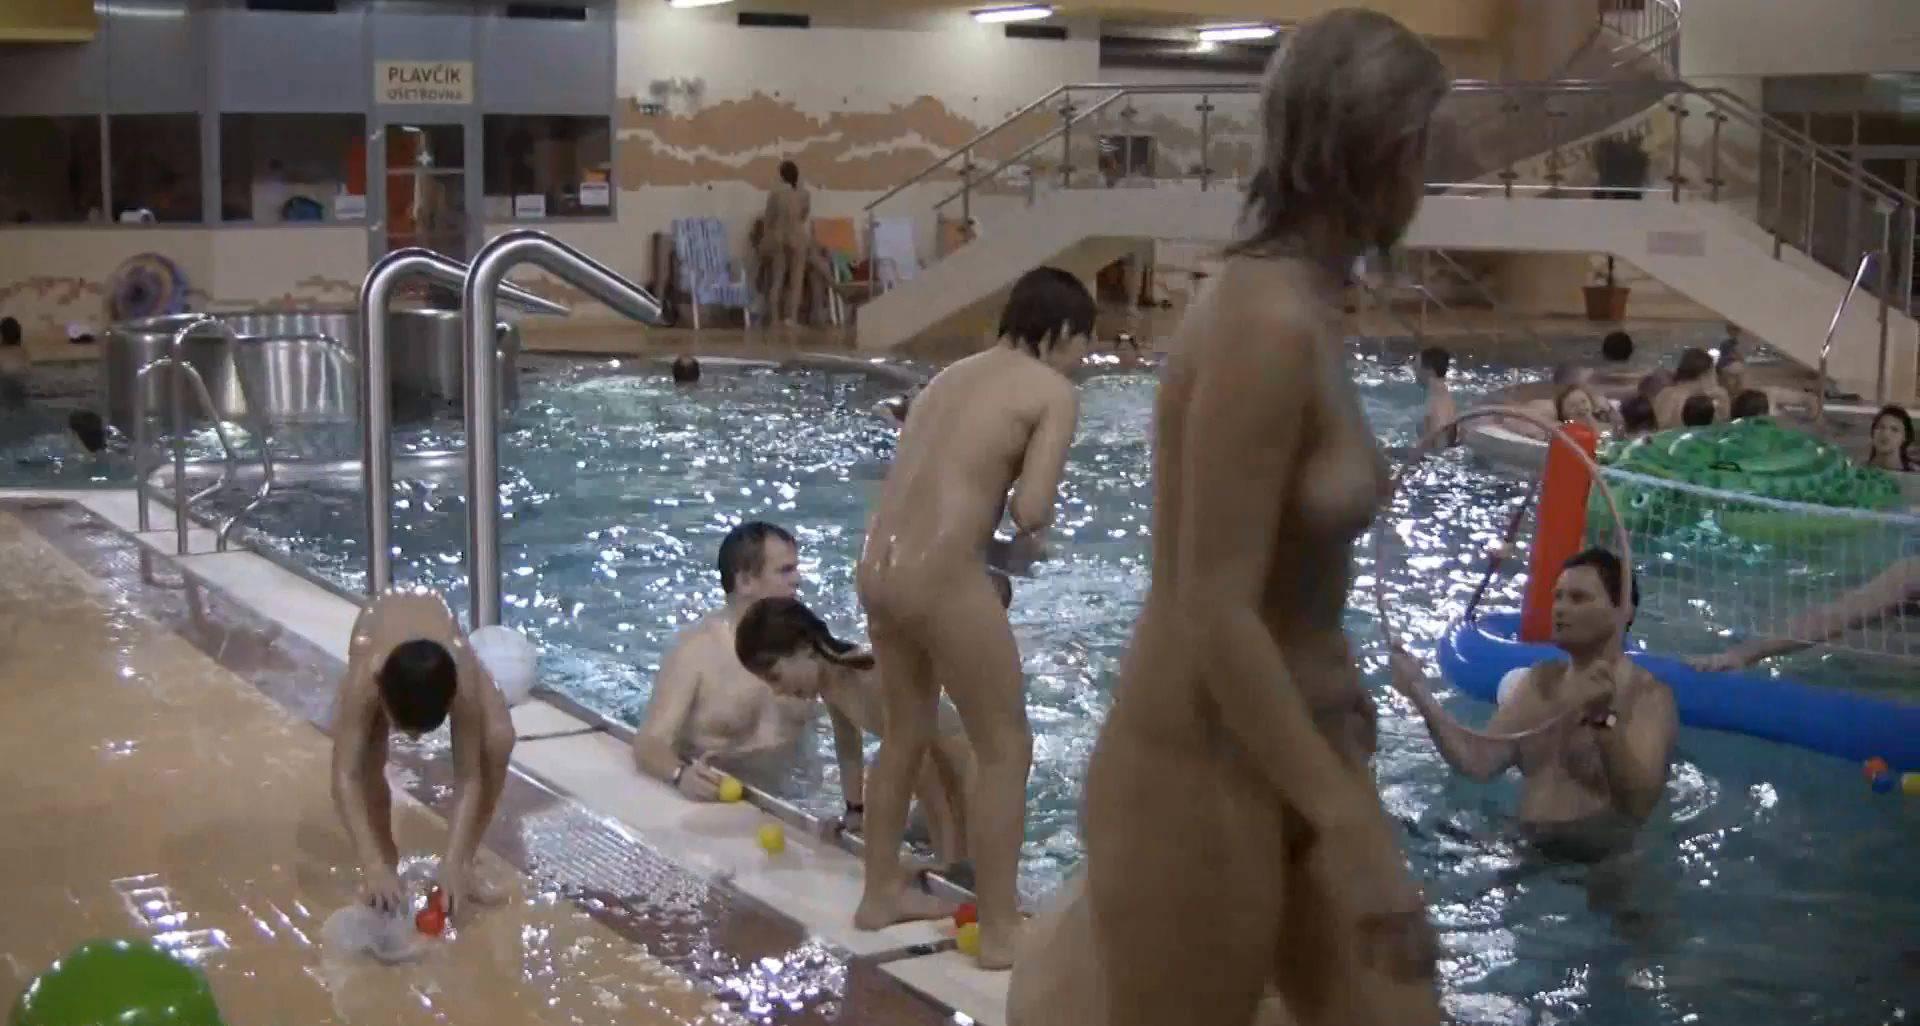 Nudist Movies Indoor Water Runners 1 - 2